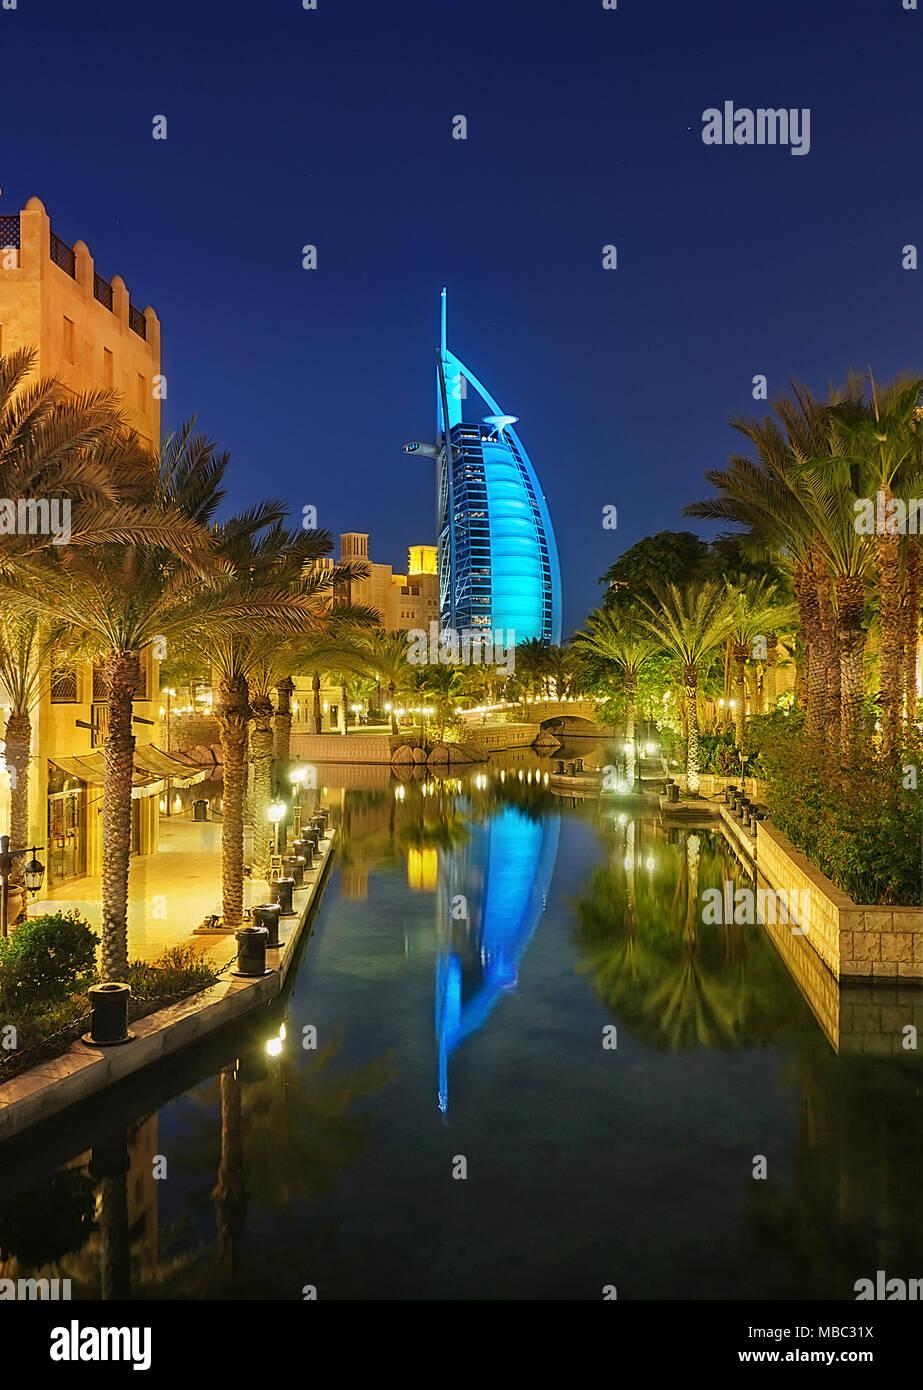 DUBAI, EMIRATOS ÁRABES UNIDOS - APR 8, 2013: la famosa reflexión view con 7 estrellas hotel Burj Al Arab. Escena nocturna con palmeras. Canal colorido complejo. Dubai, United Arab EMI Imagen De Stock